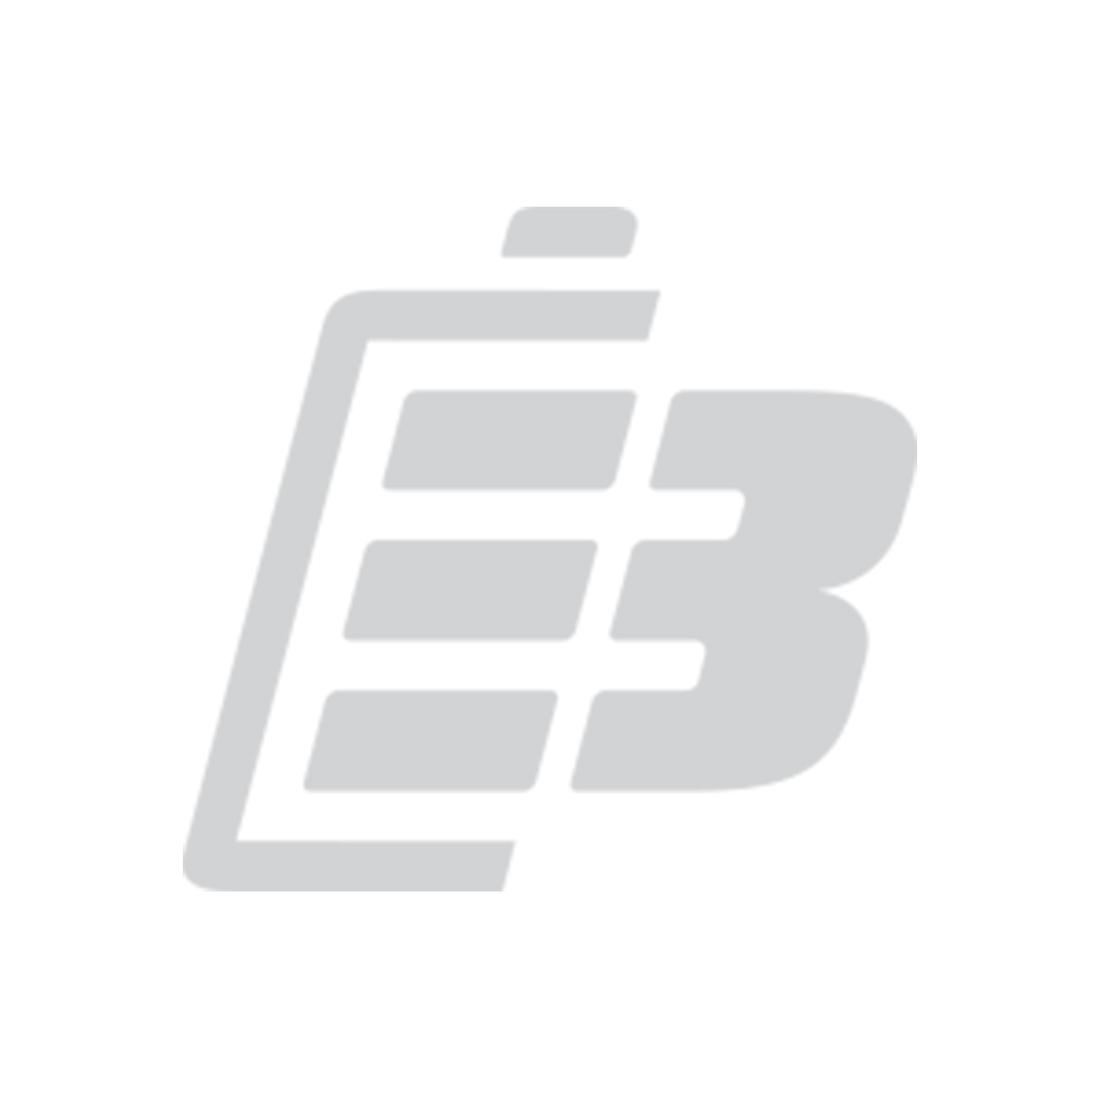 Μπαταρία τοπογραφικού μηχανήματος Sokkia SET 530_1